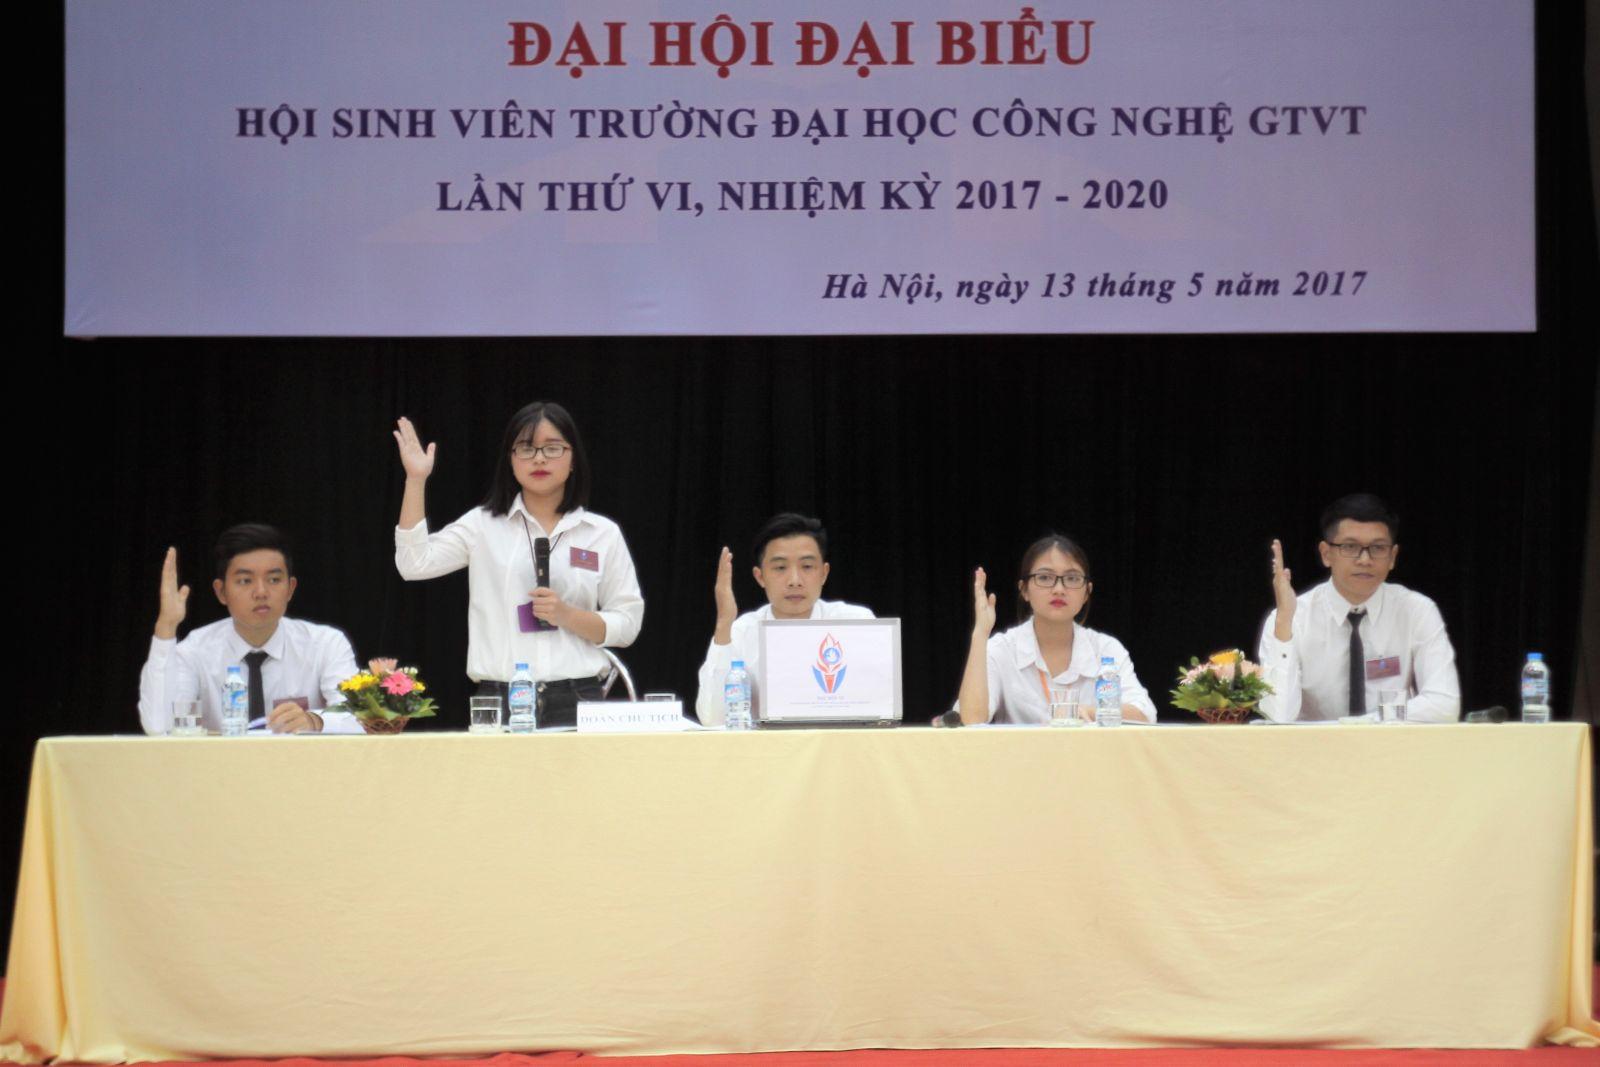 Đoàn Chủ tịch Đại hội Hội Sinh viên Trường khóa VI, nhiệm kỳ 2017-2020